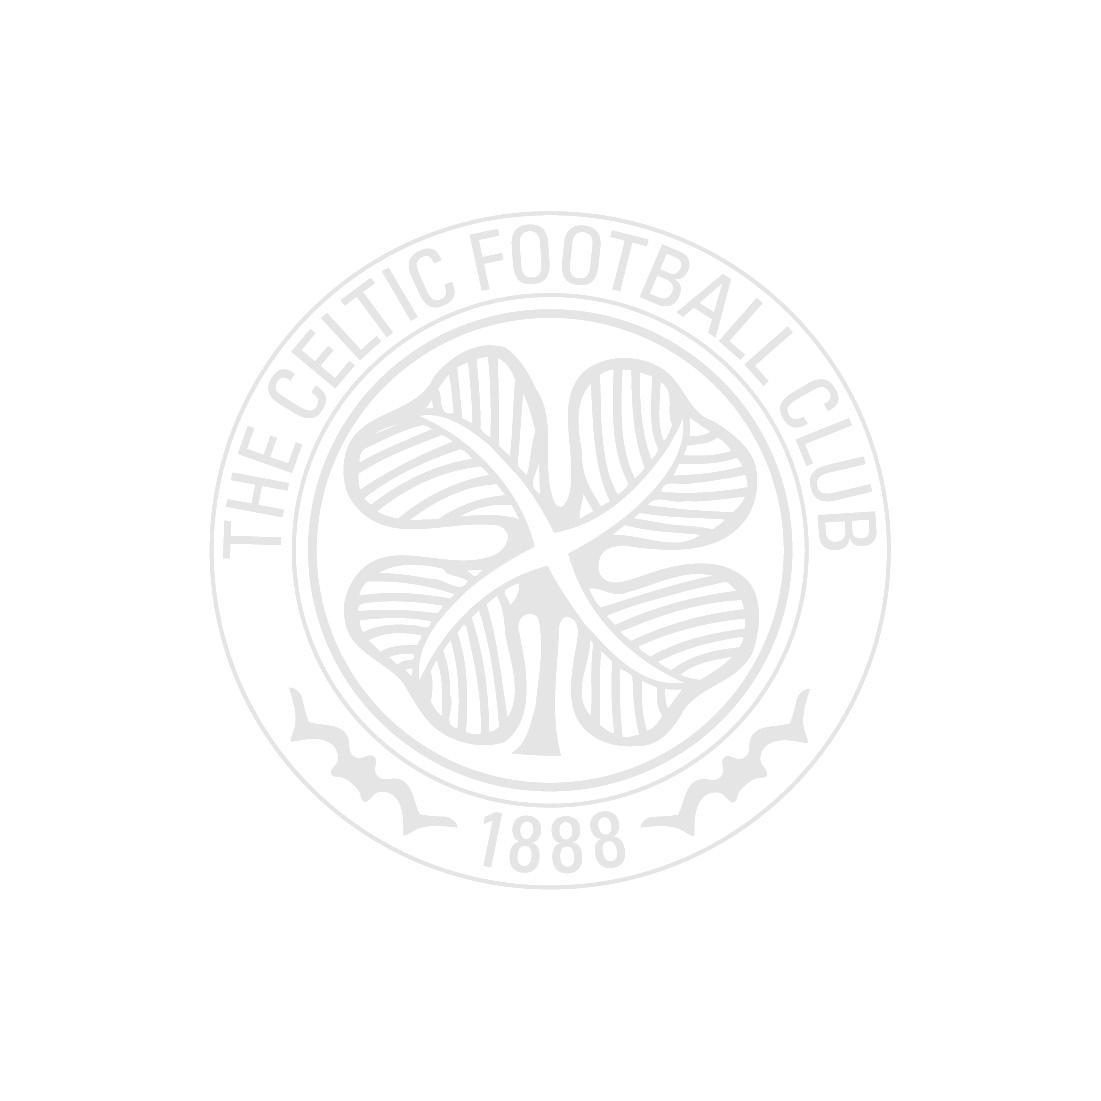 Celtic Scotland Quaich